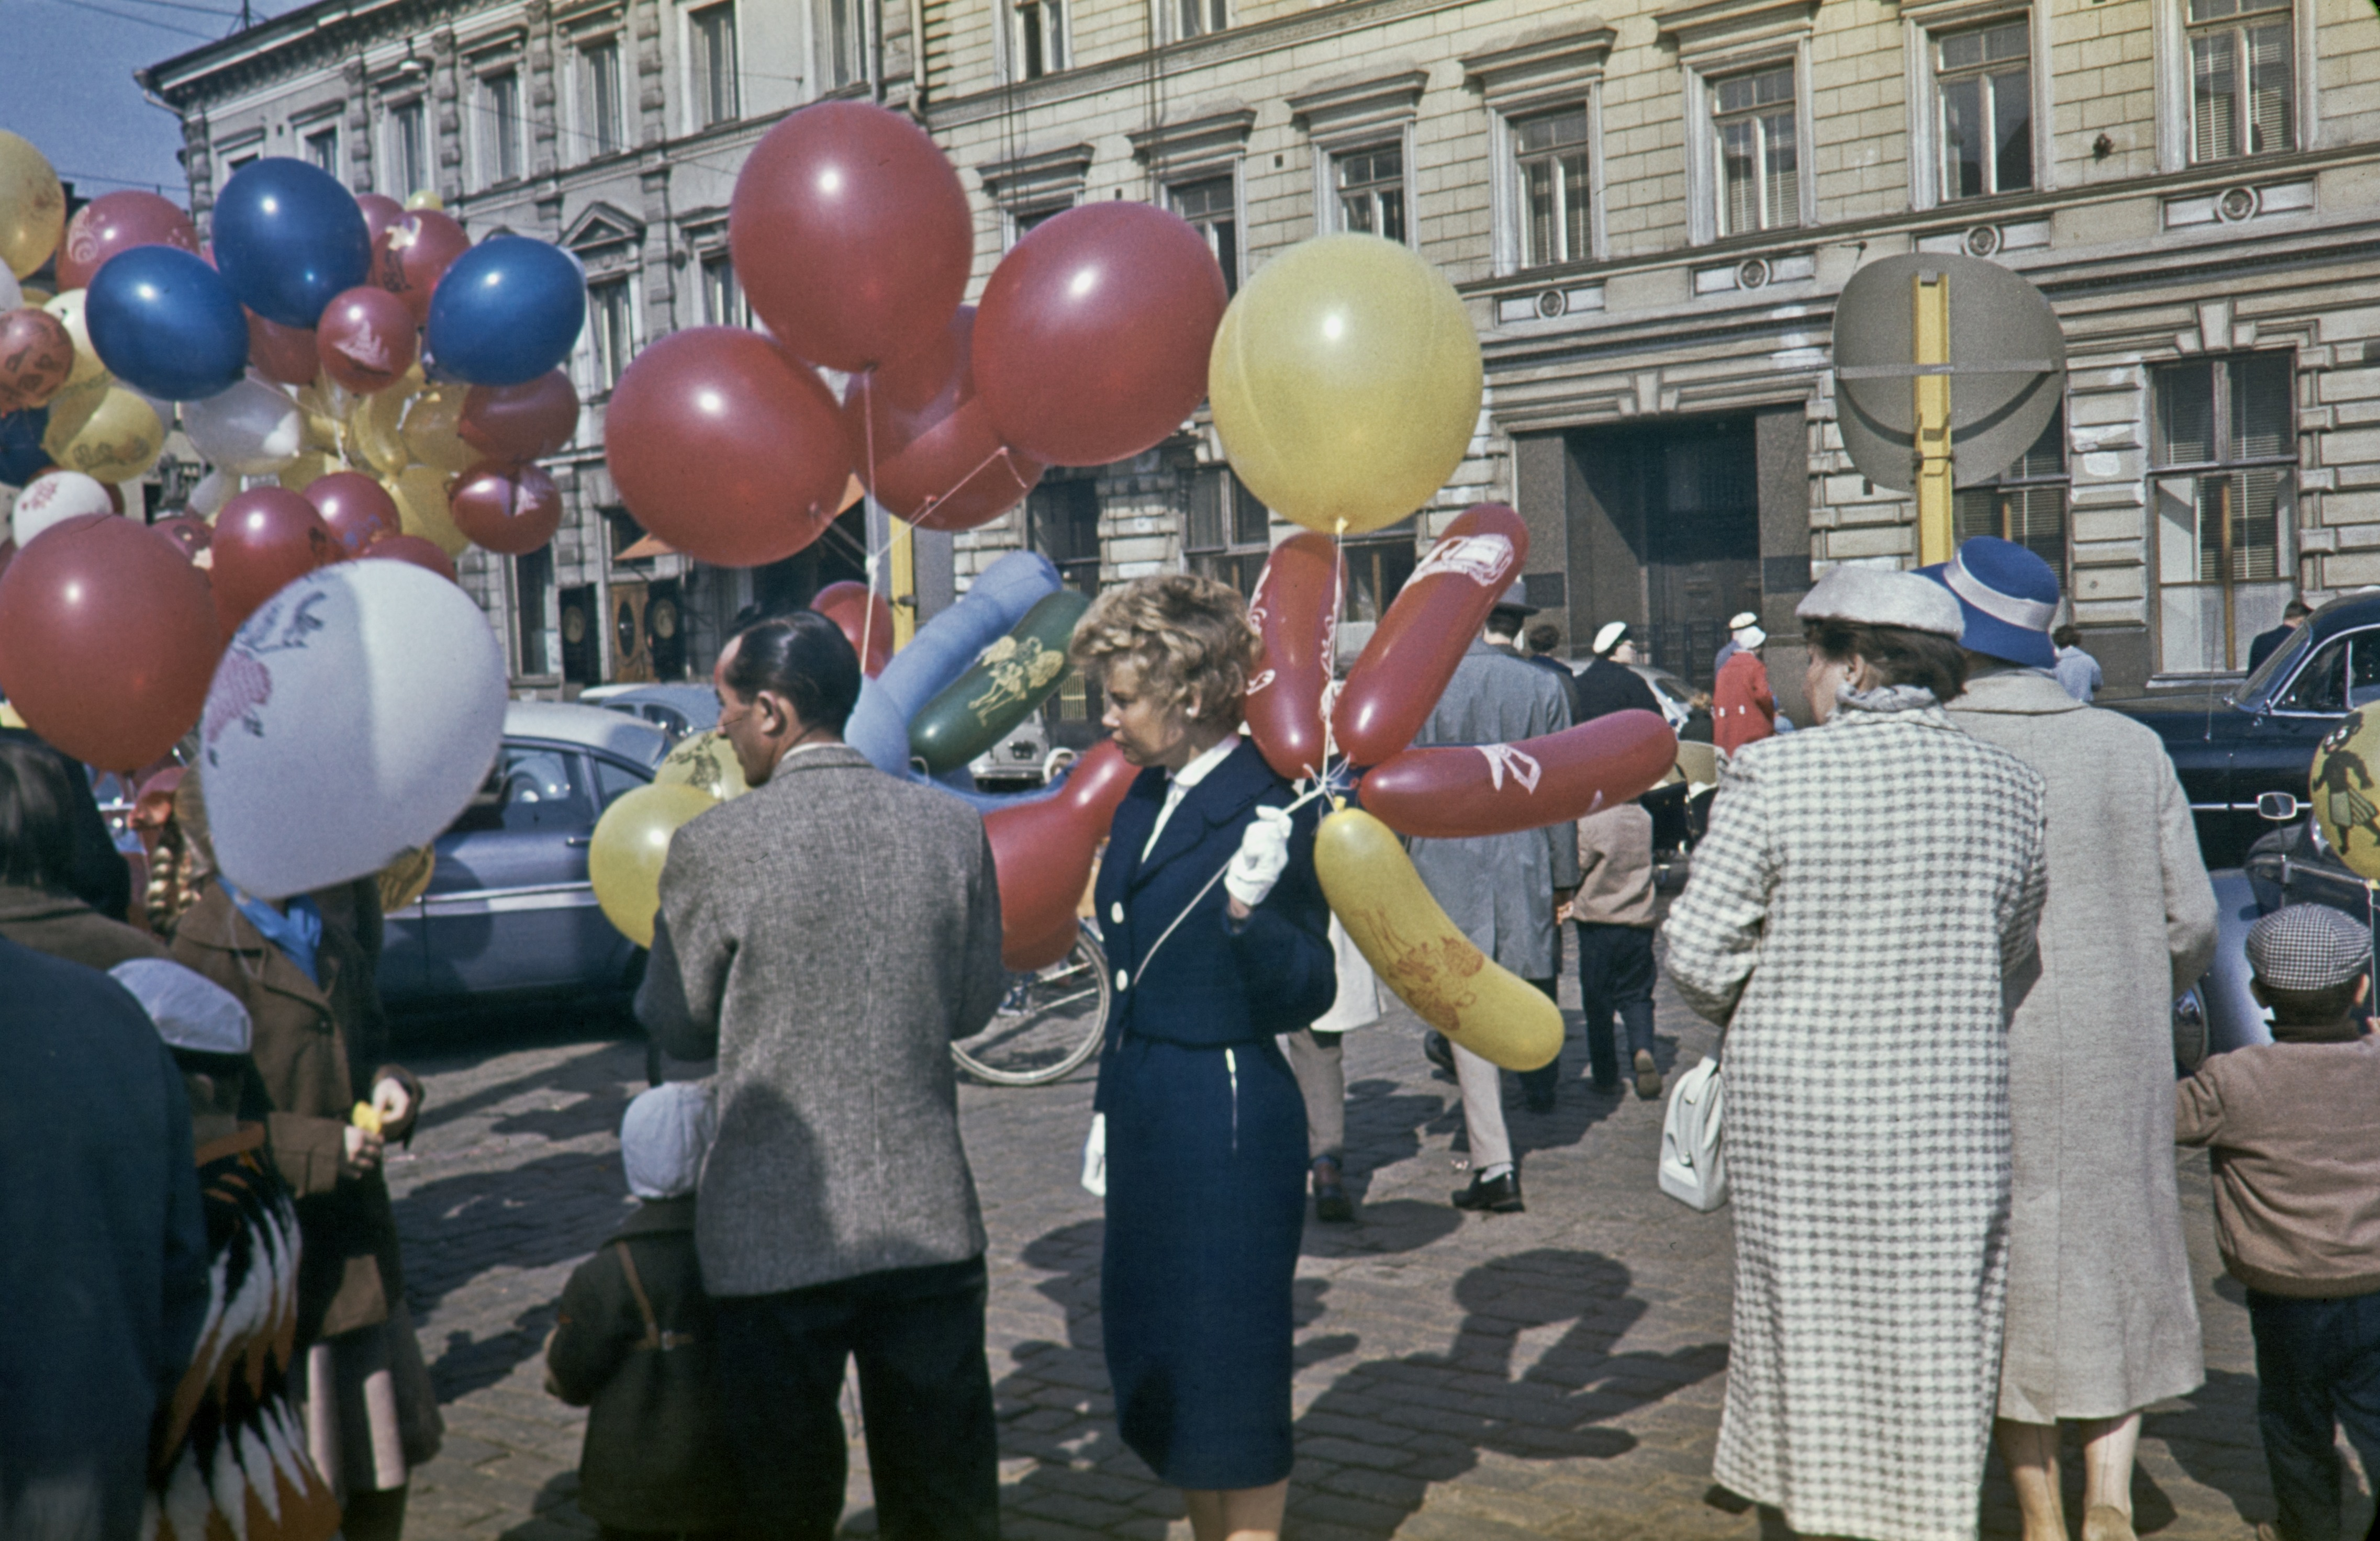 Ilmapallojen myyjiä Kauppatorin vapputorilla 1959. Kajantie Arvo / Helsingin Kaupunginmuseo.